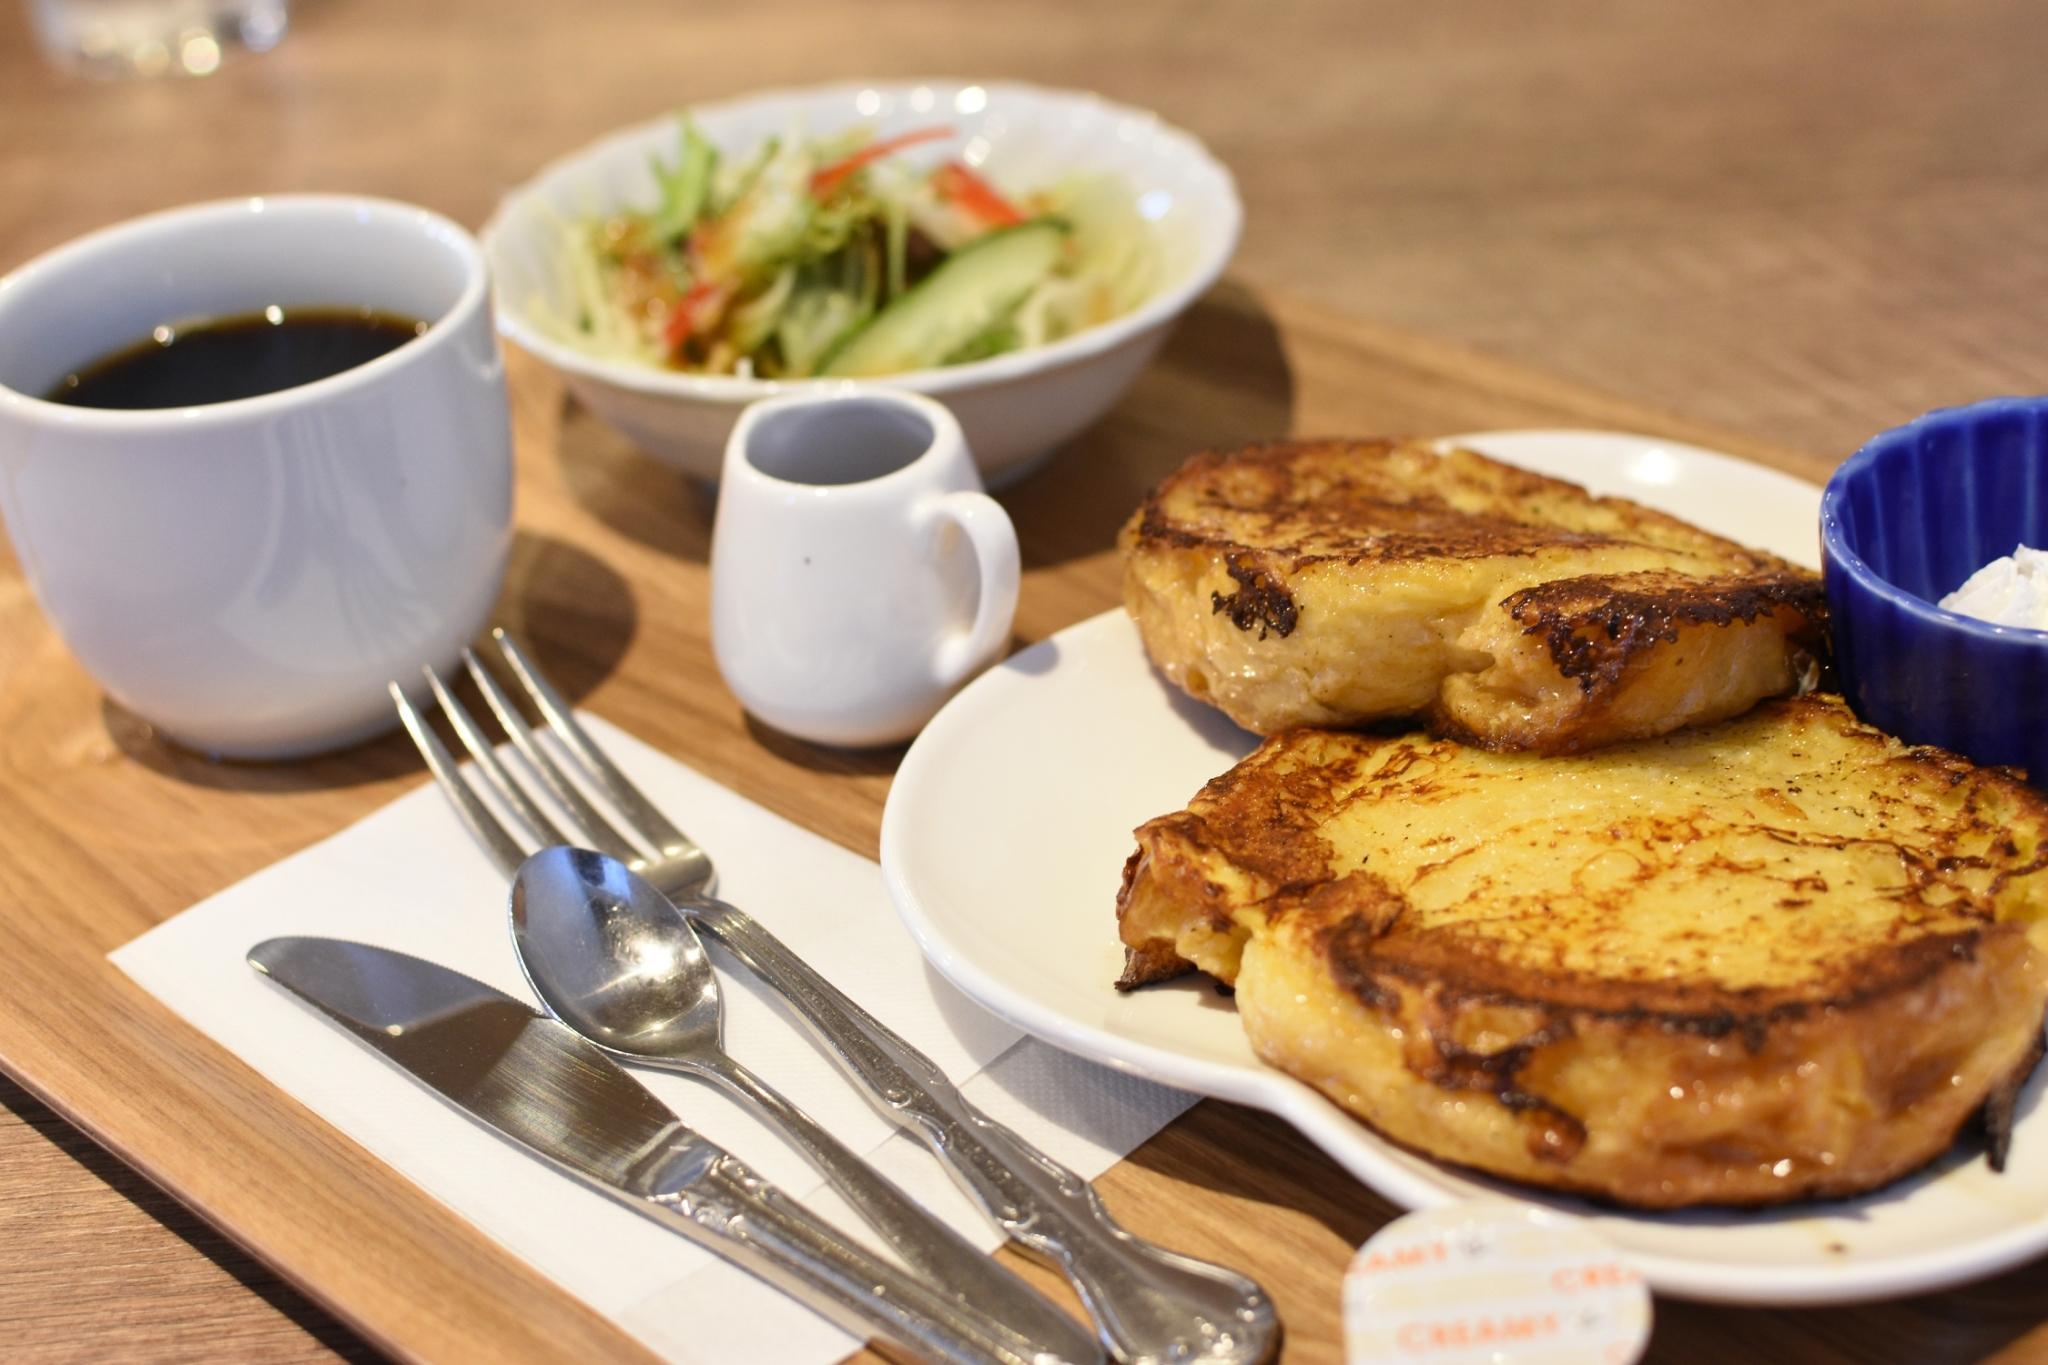 朝はパン派の方必見!こだわりぬいたオリジナル食パンで優雅にモーニング。「マリソル」